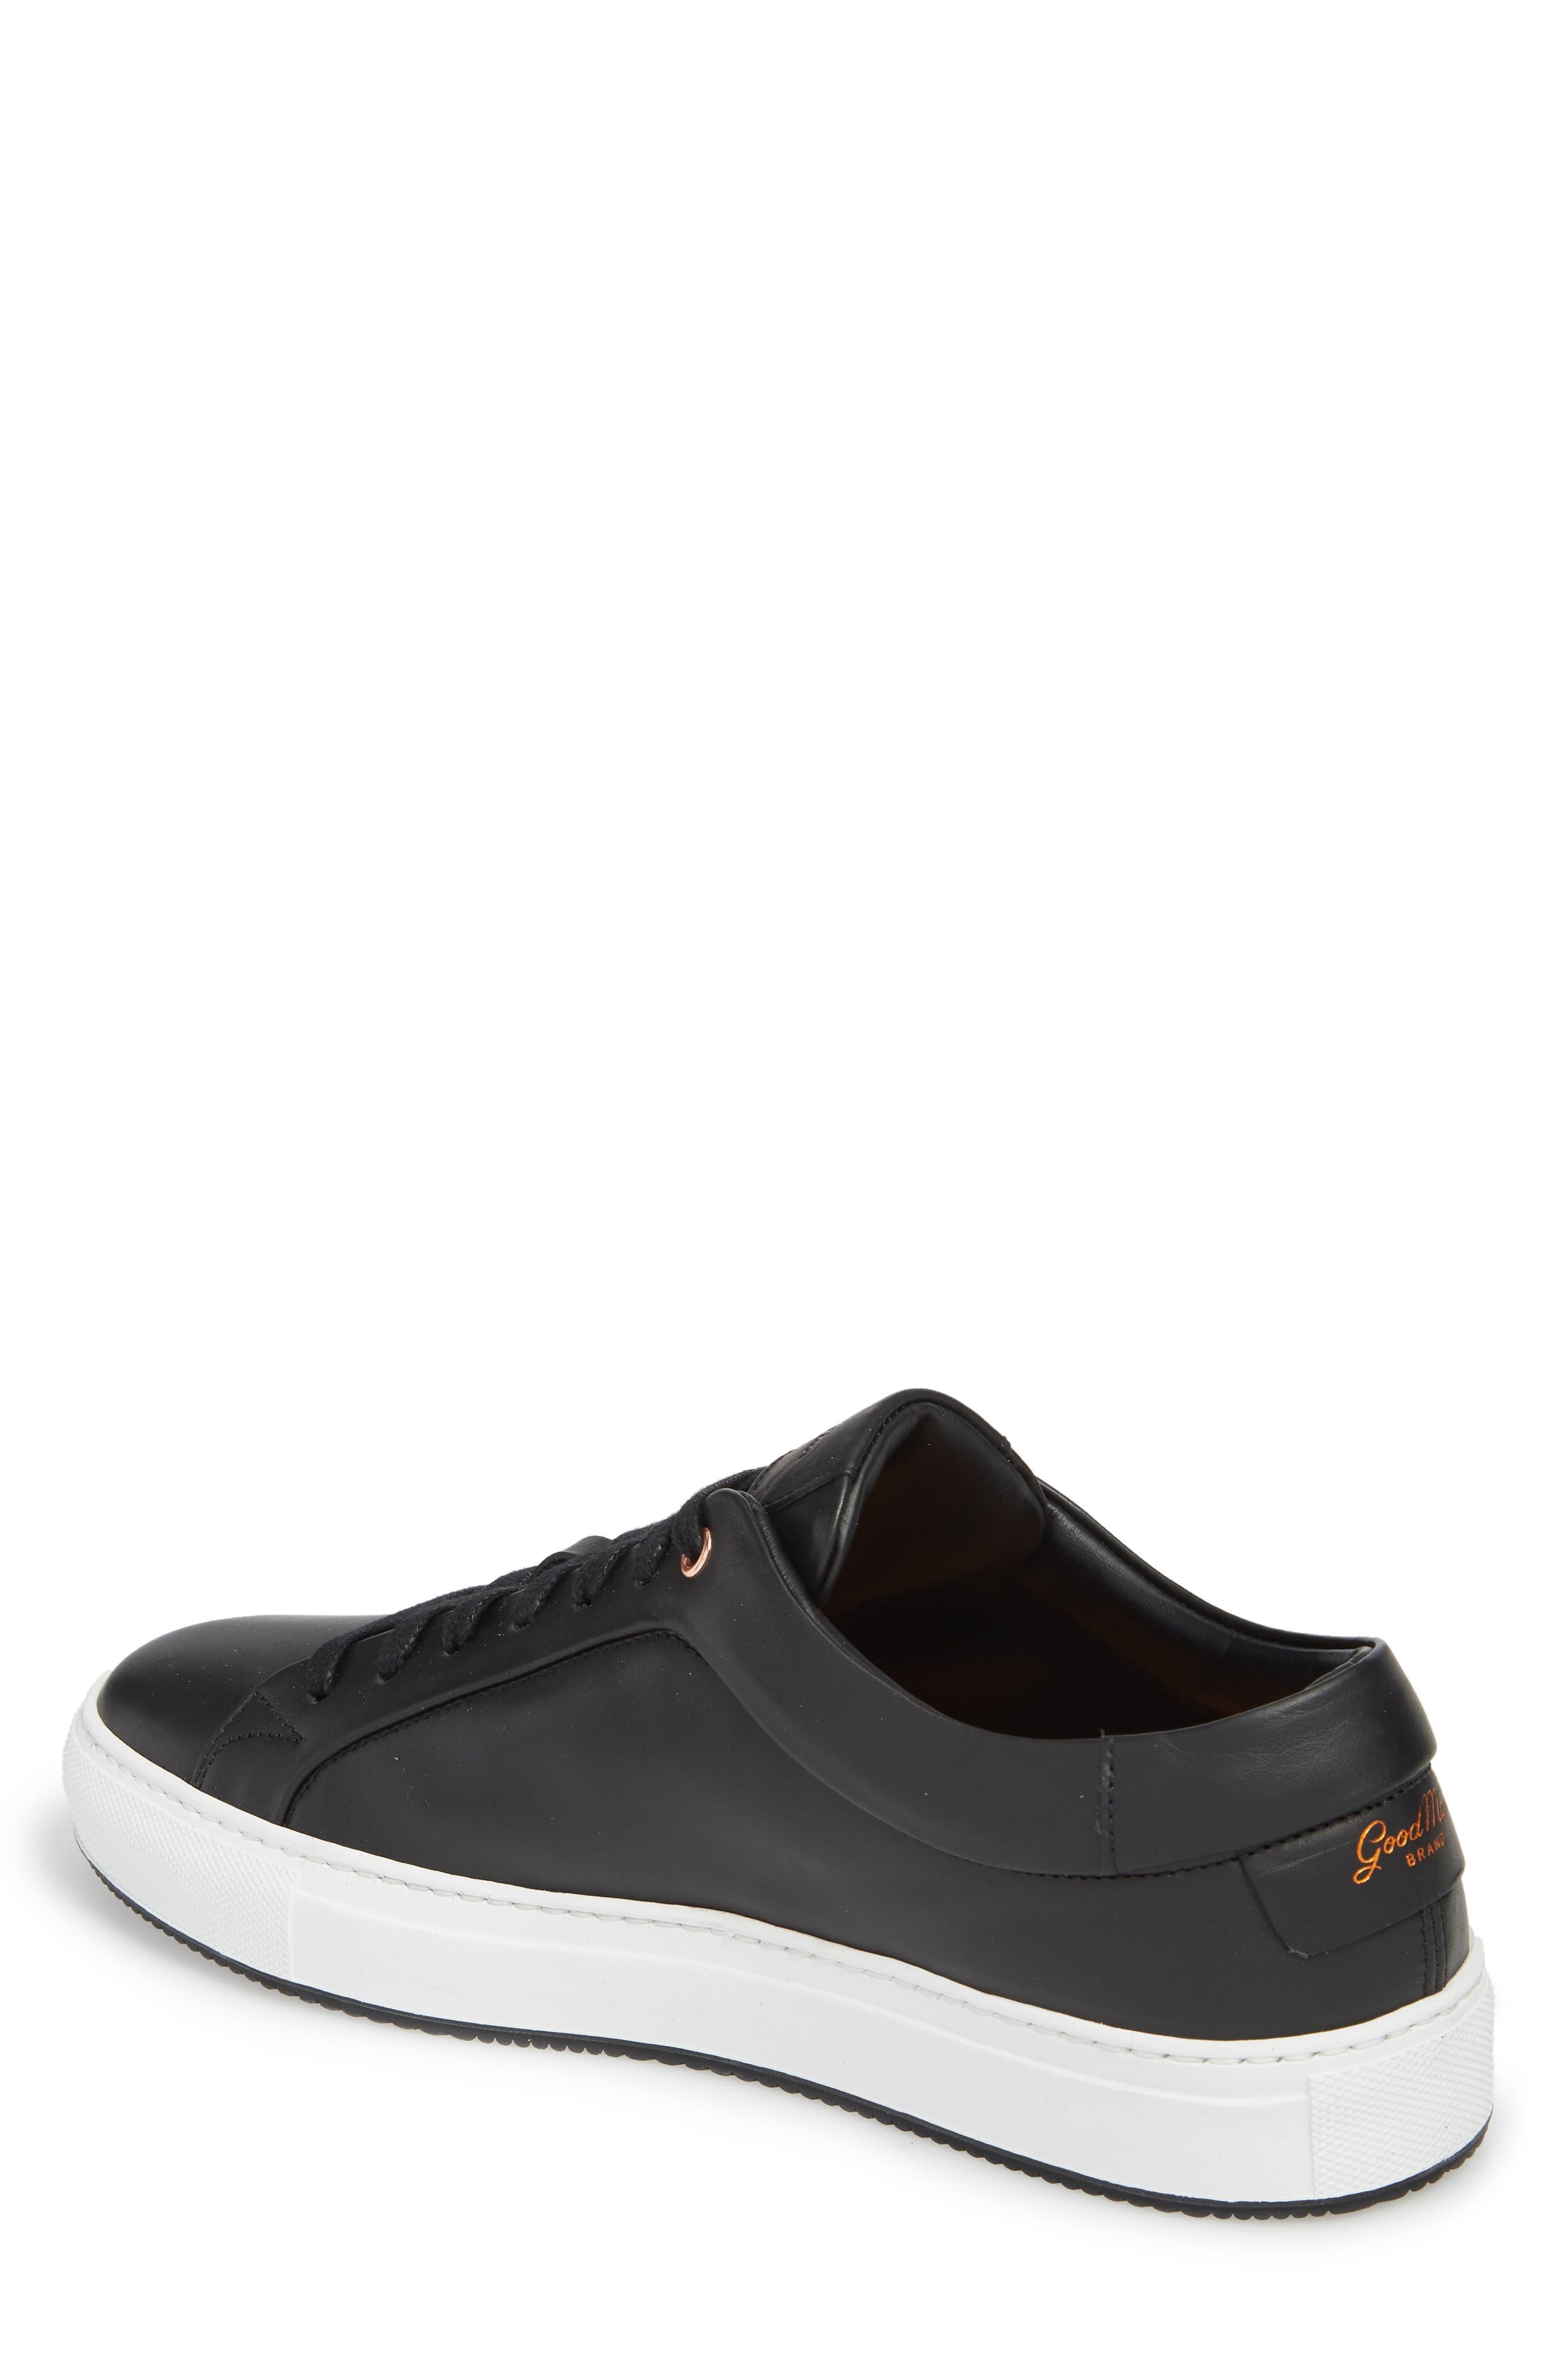 Sure Shot Premium Low Top Sneaker,                             Alternate thumbnail 2, color,                             004